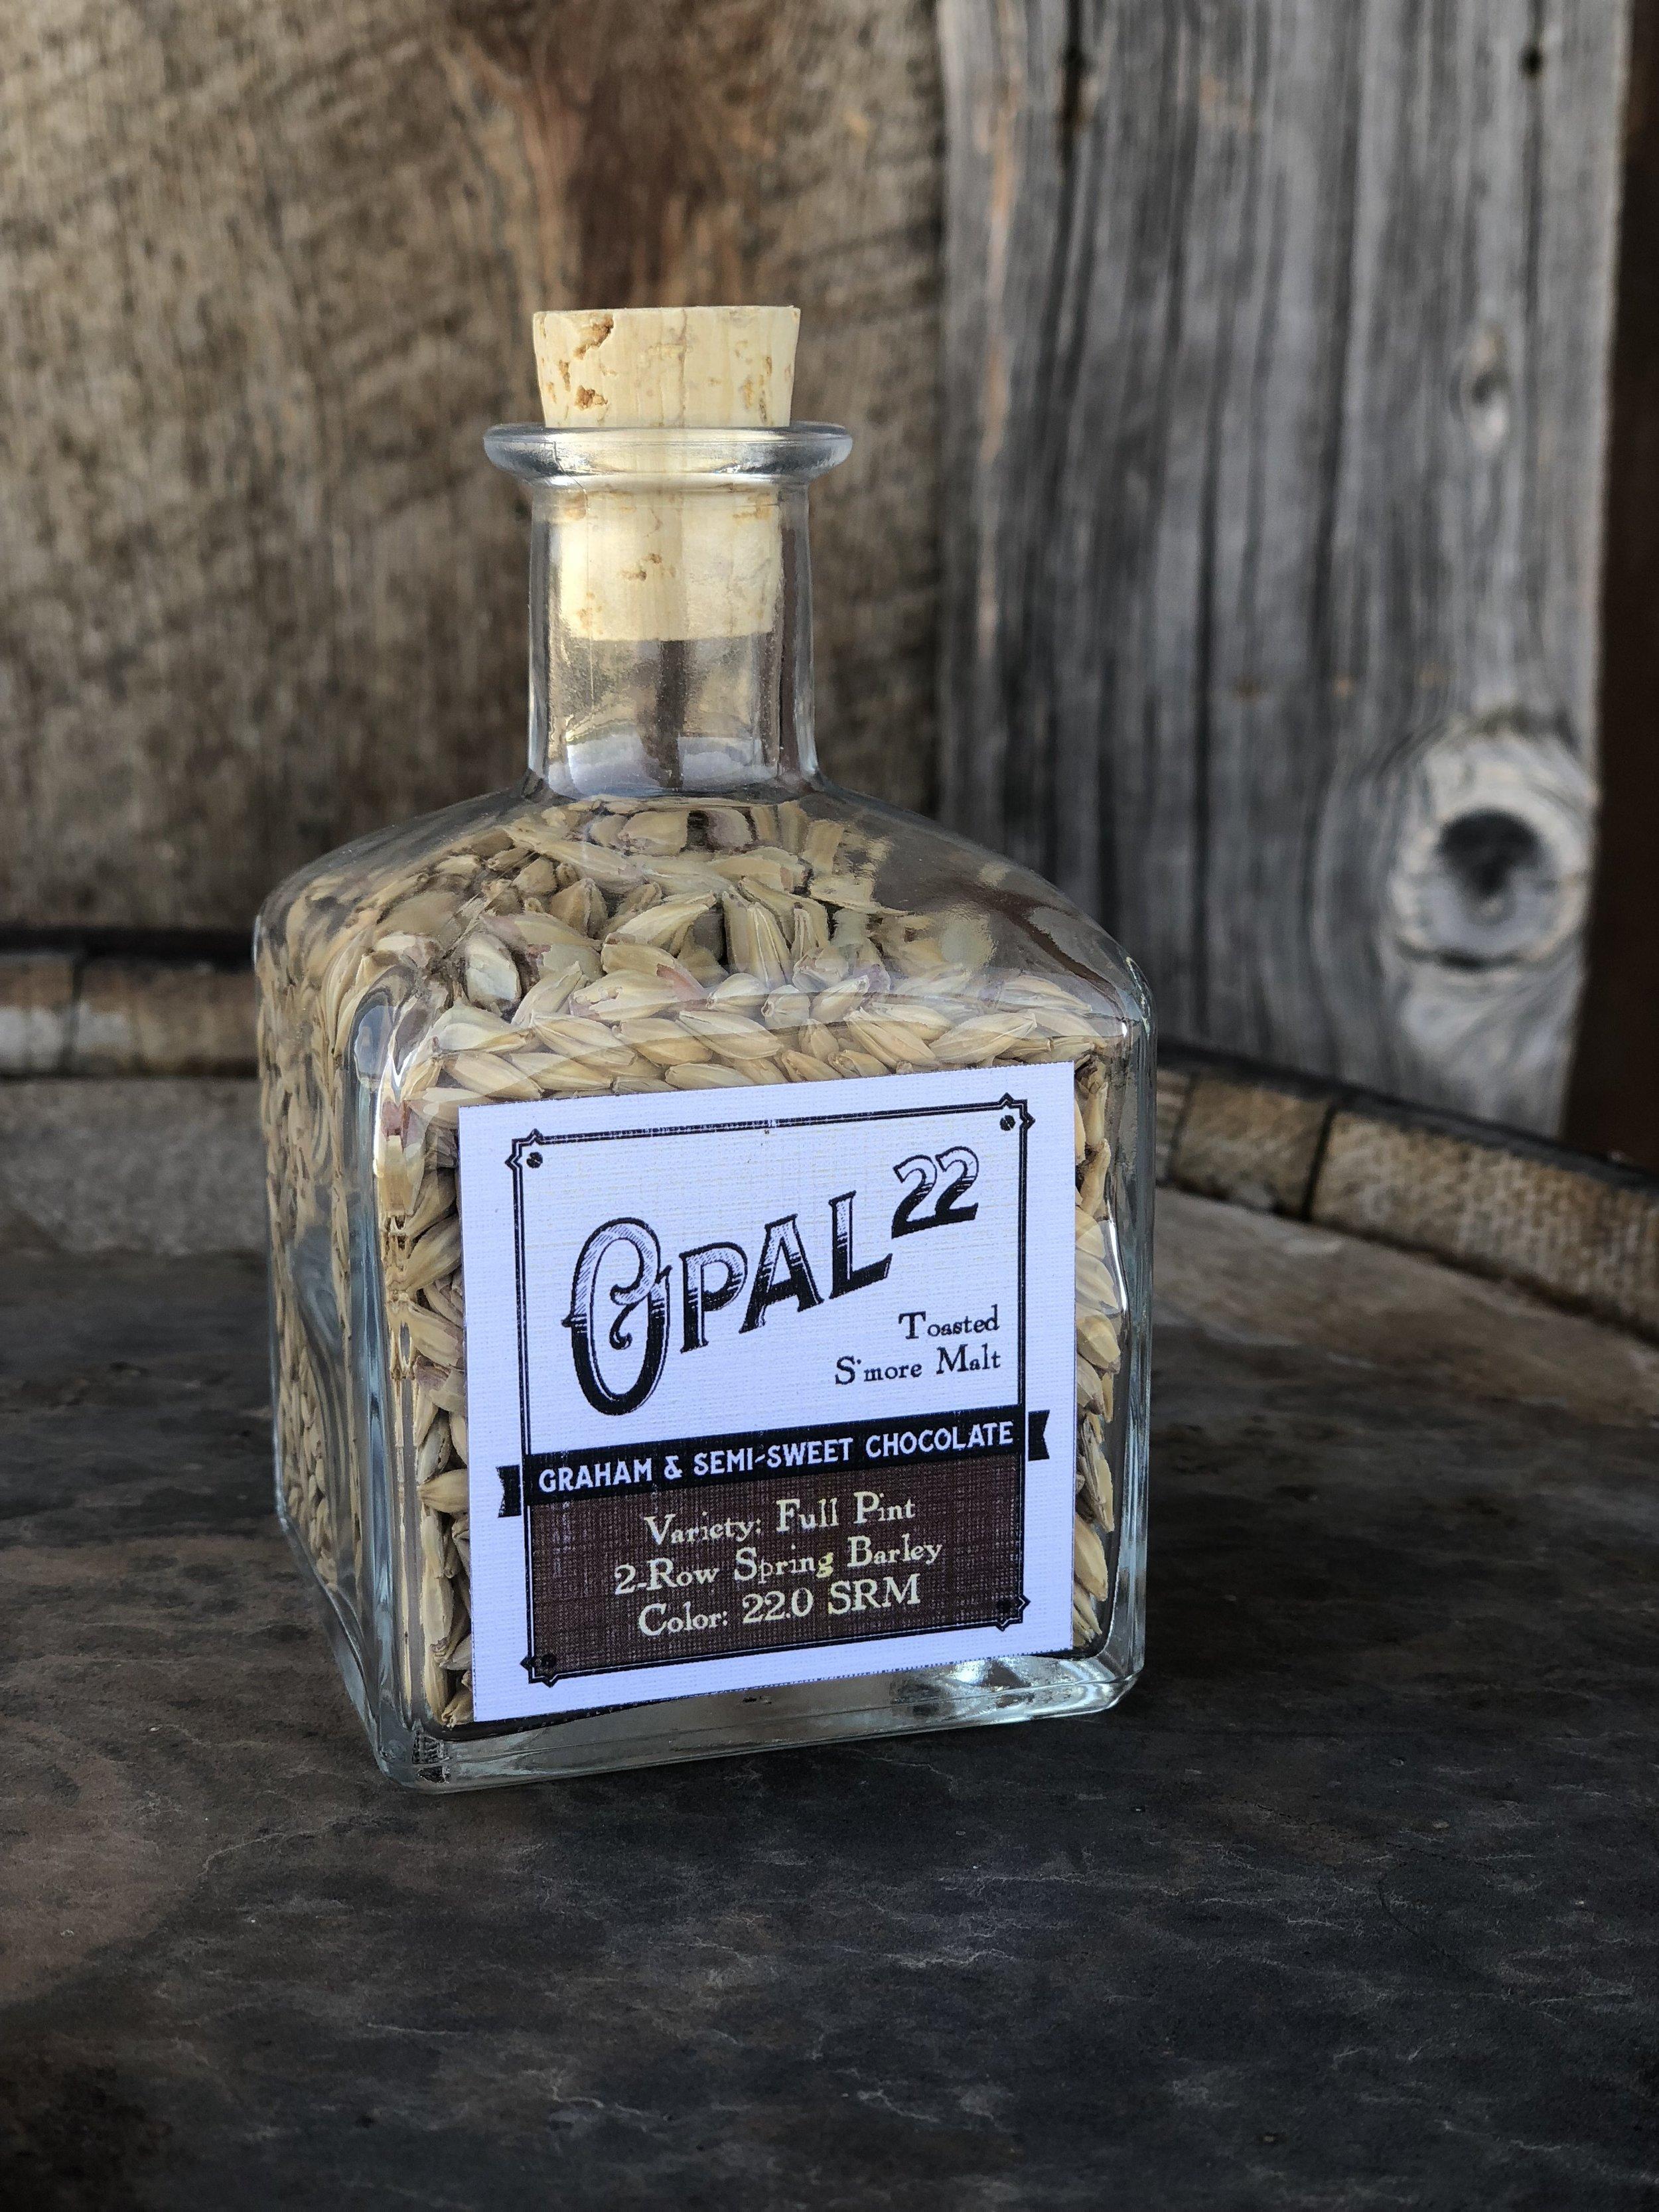 Opal 22 Graham and Cocoa Malt from Mecca Grade Estate Malt in Madras Oregon